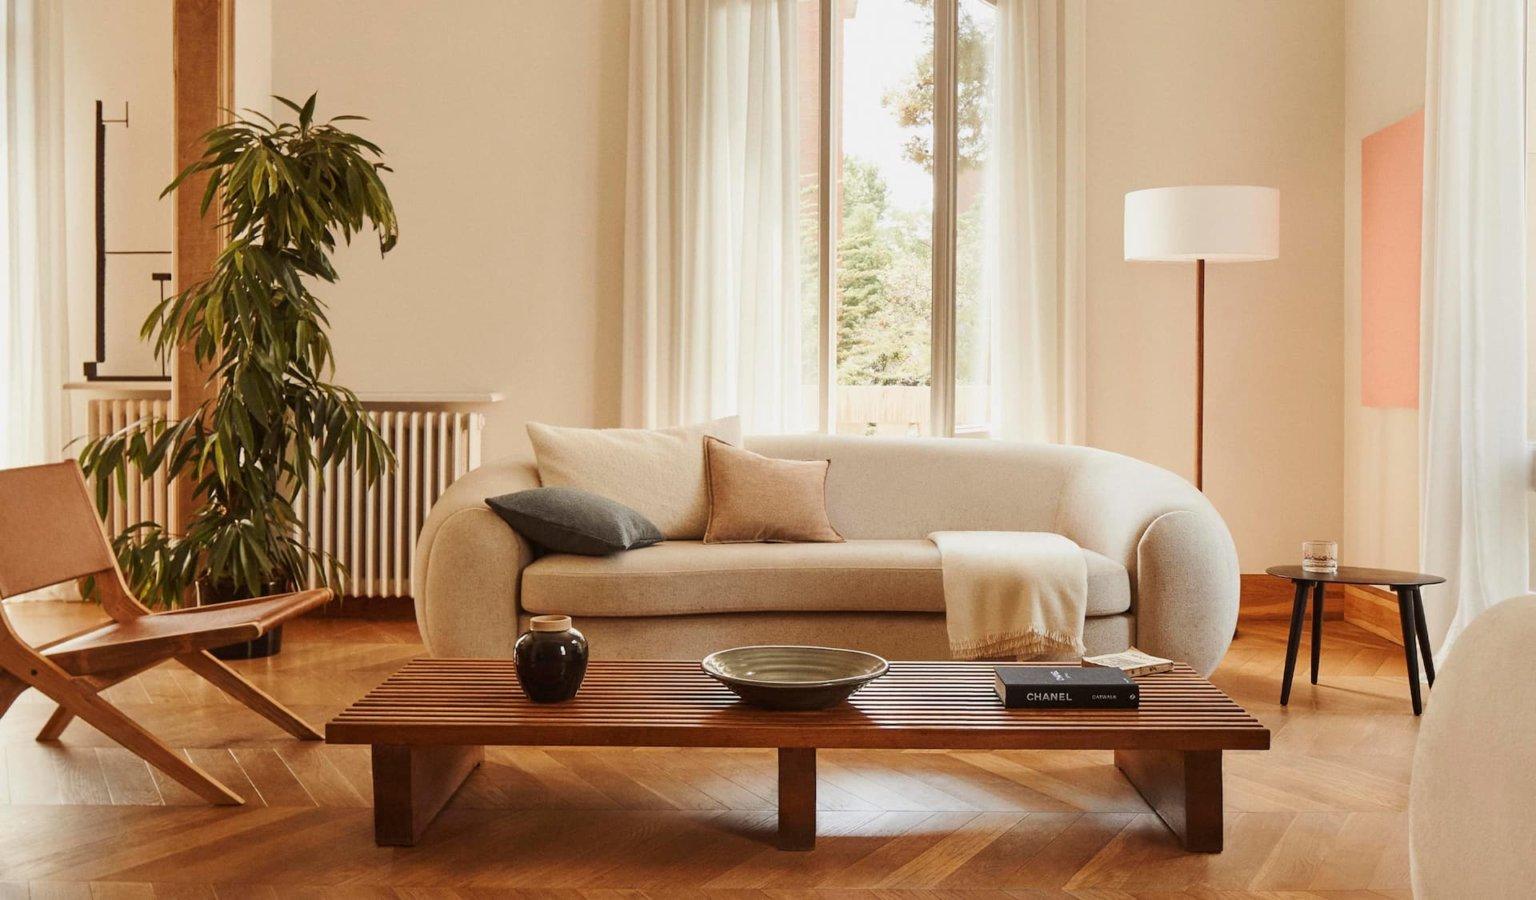 Đại dịch Covid-19 làm thay đổi xu hướng thiết kế nội thất như thế nào?